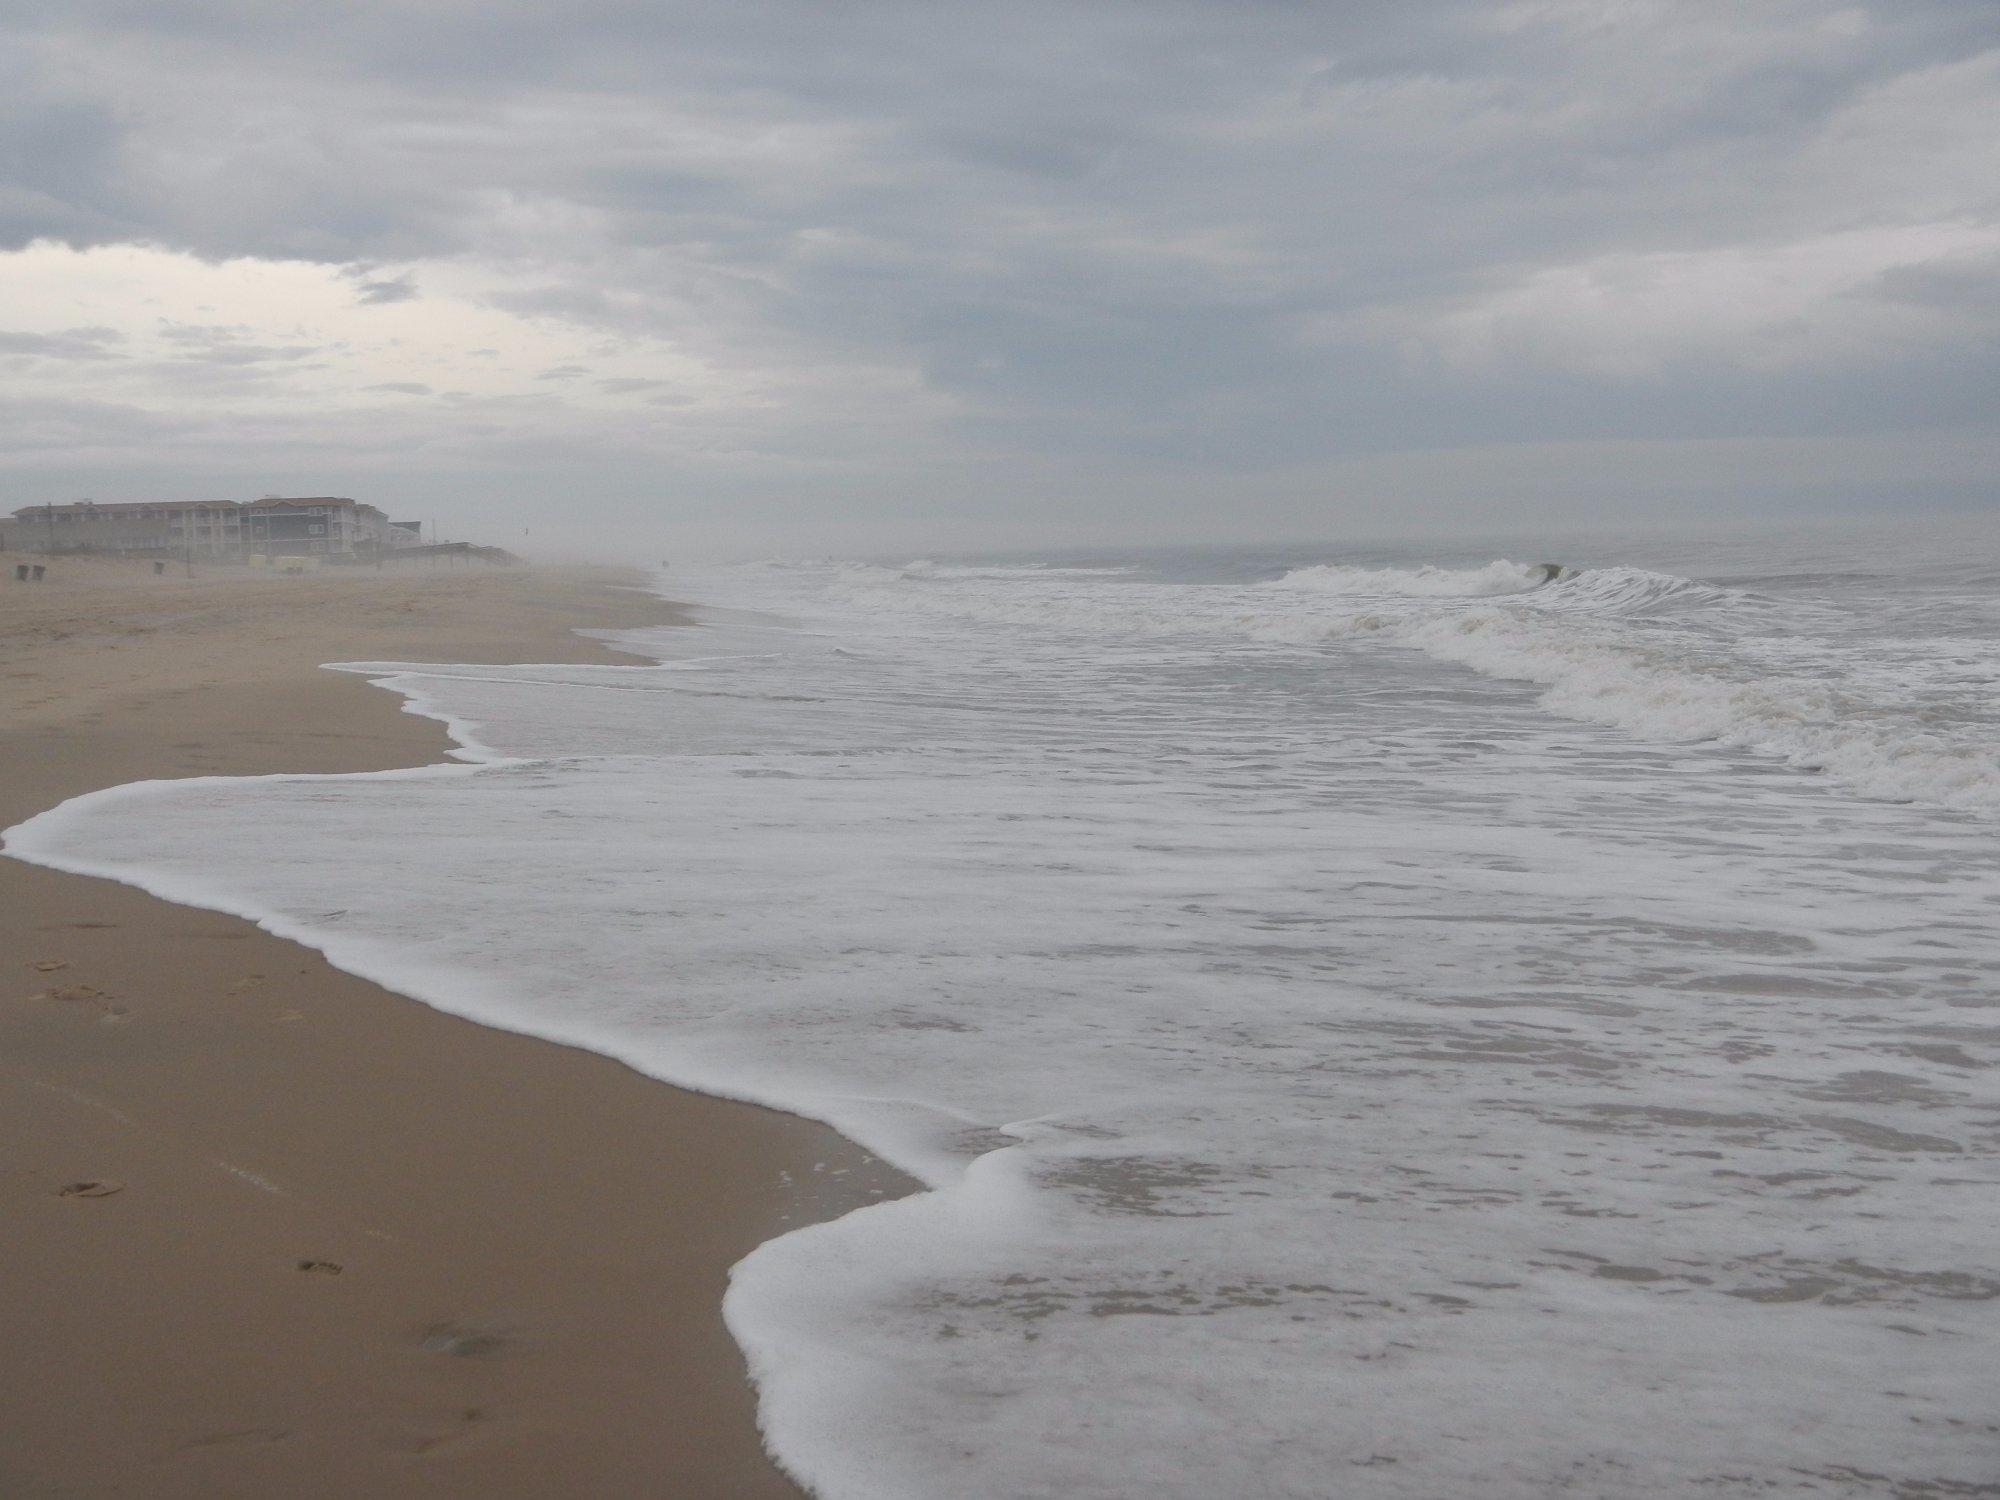 Bethany Beach Delaware (May 2017)